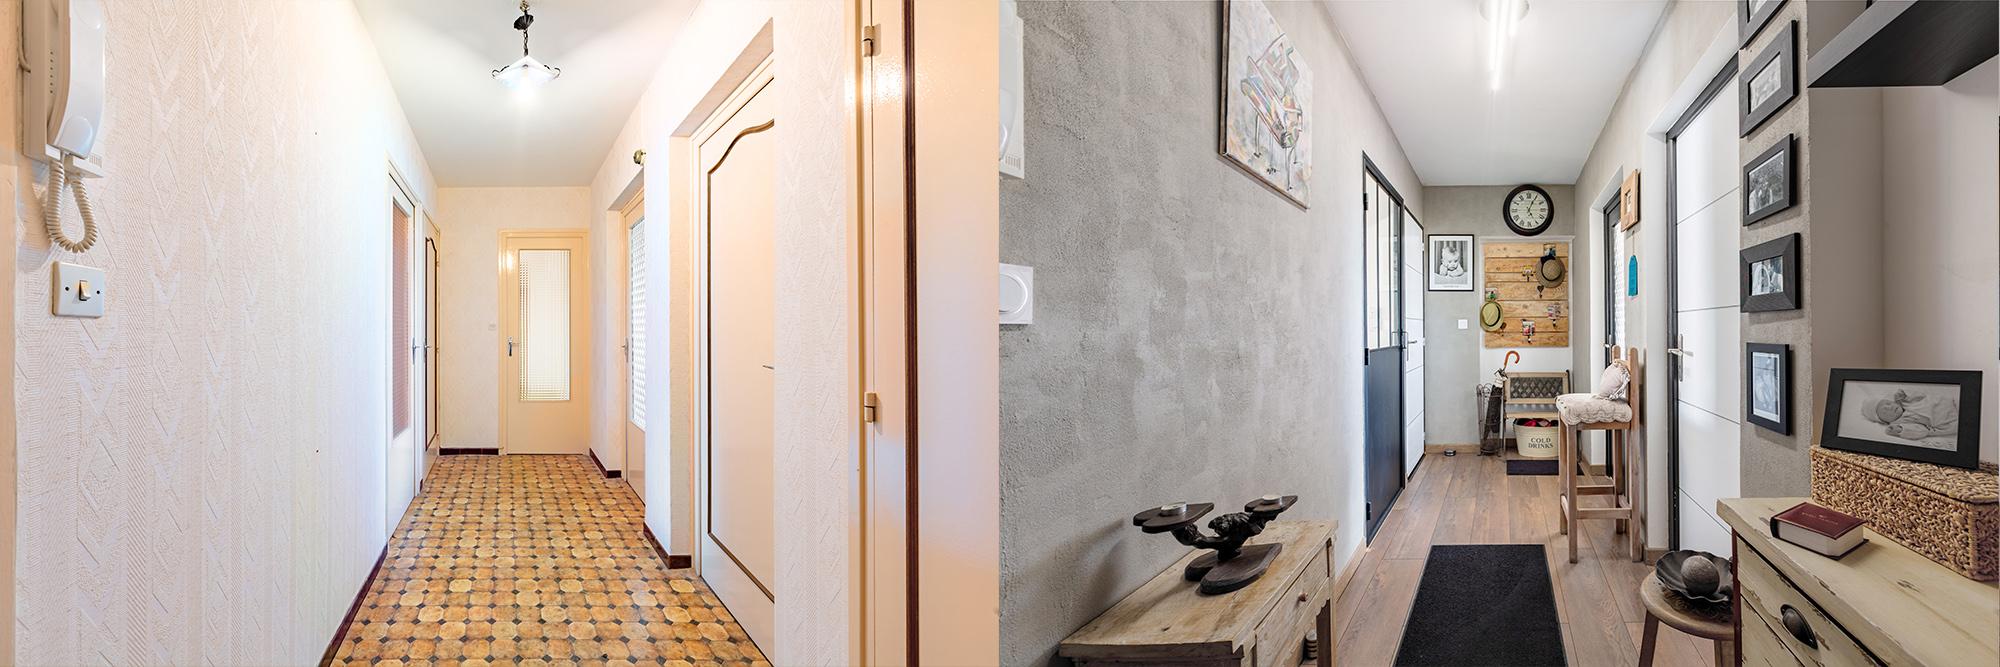 appartement-travaux-avant-apres-couloire